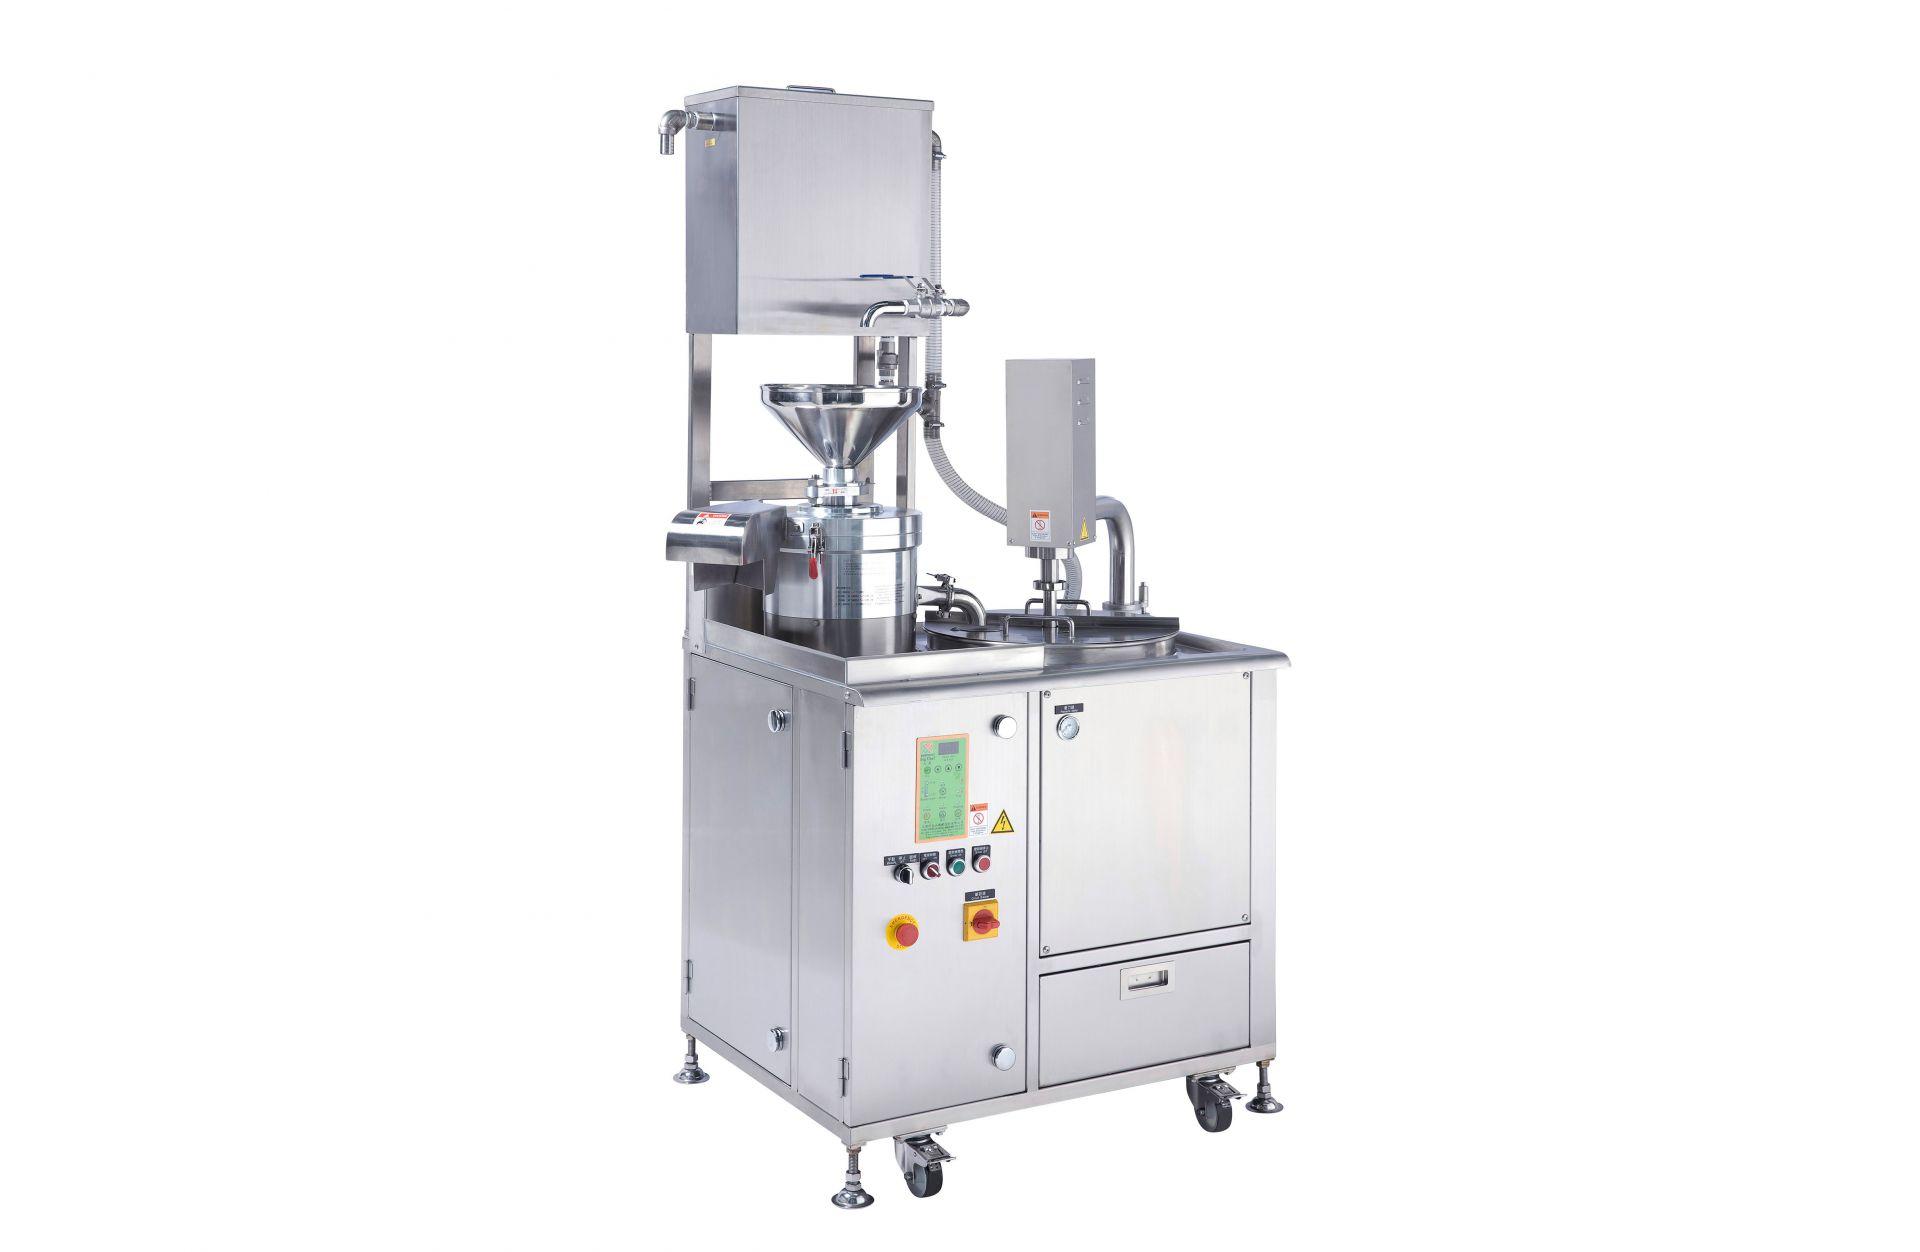 Integrovaný stroj na výrobu sójového mlieka - Integrovaný stroj na sójové mlieko